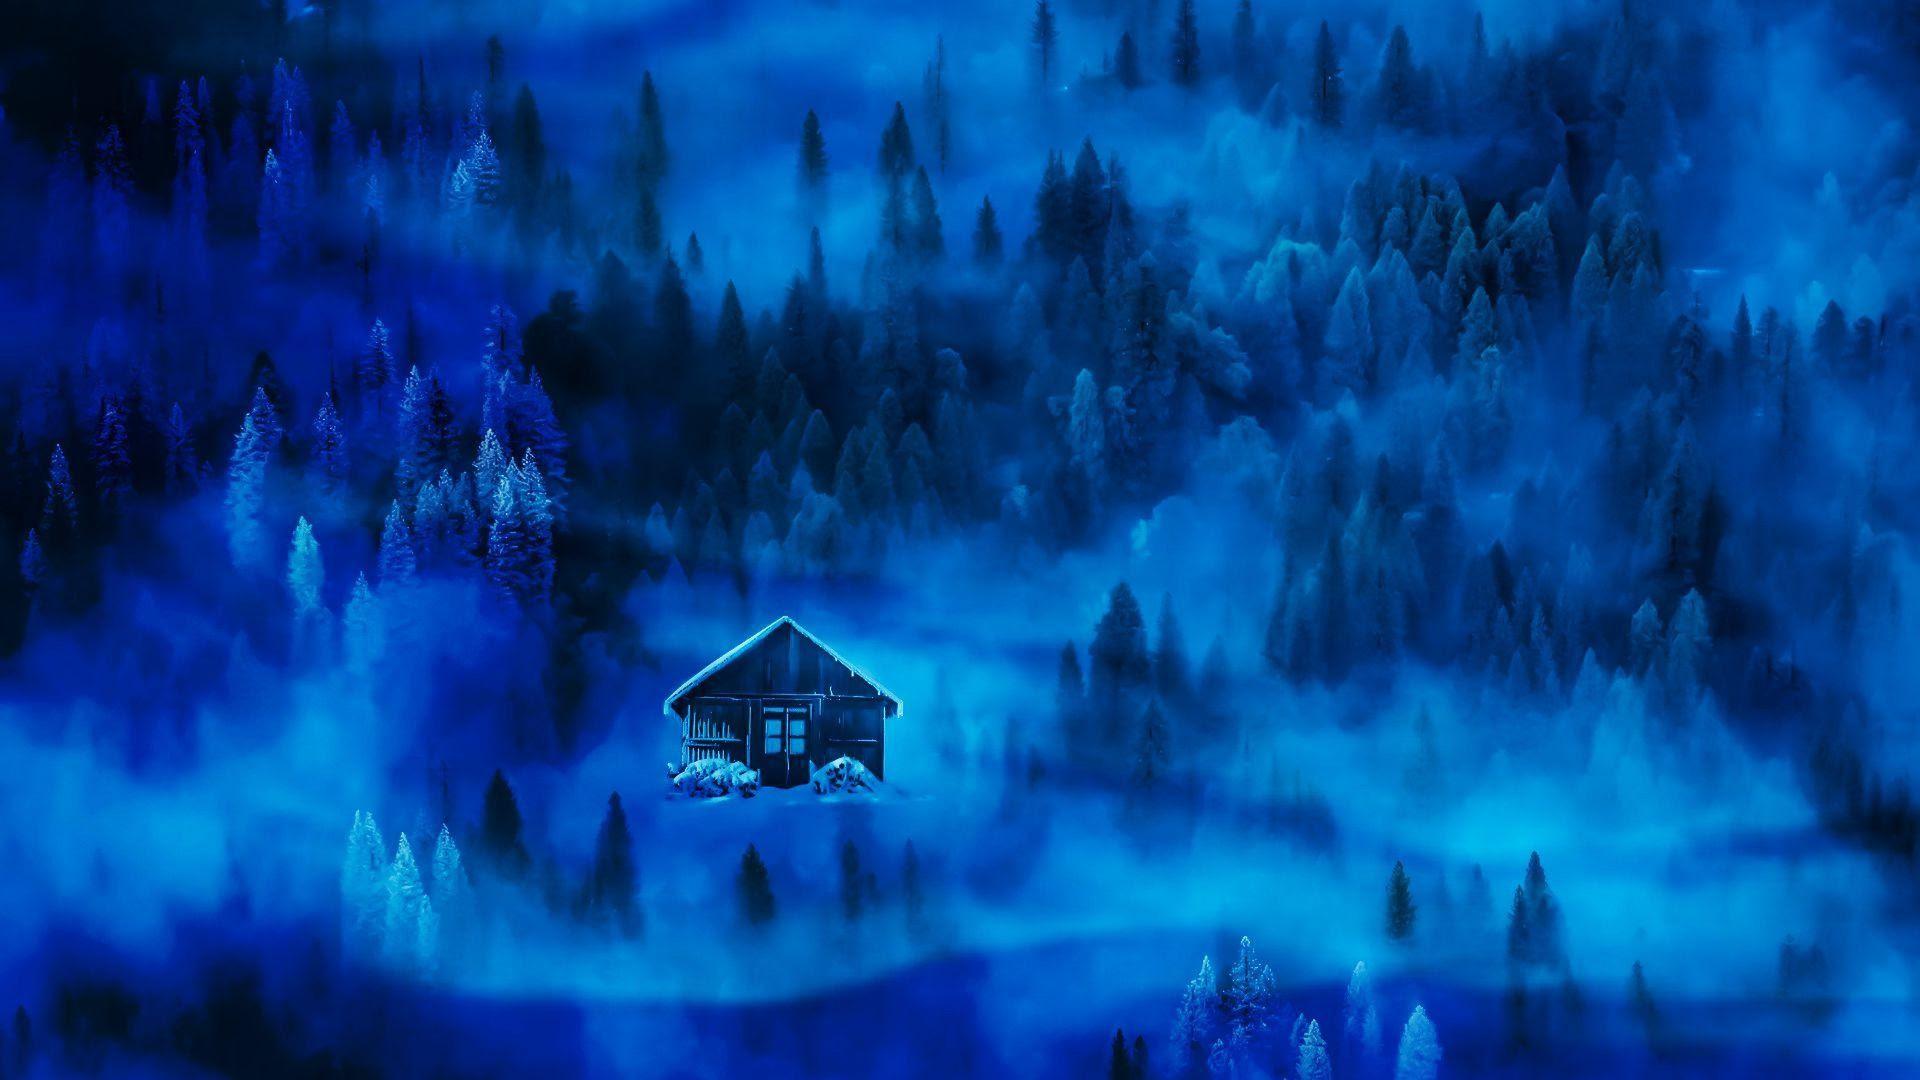 Woods Desktop Wallpaper 73 Images